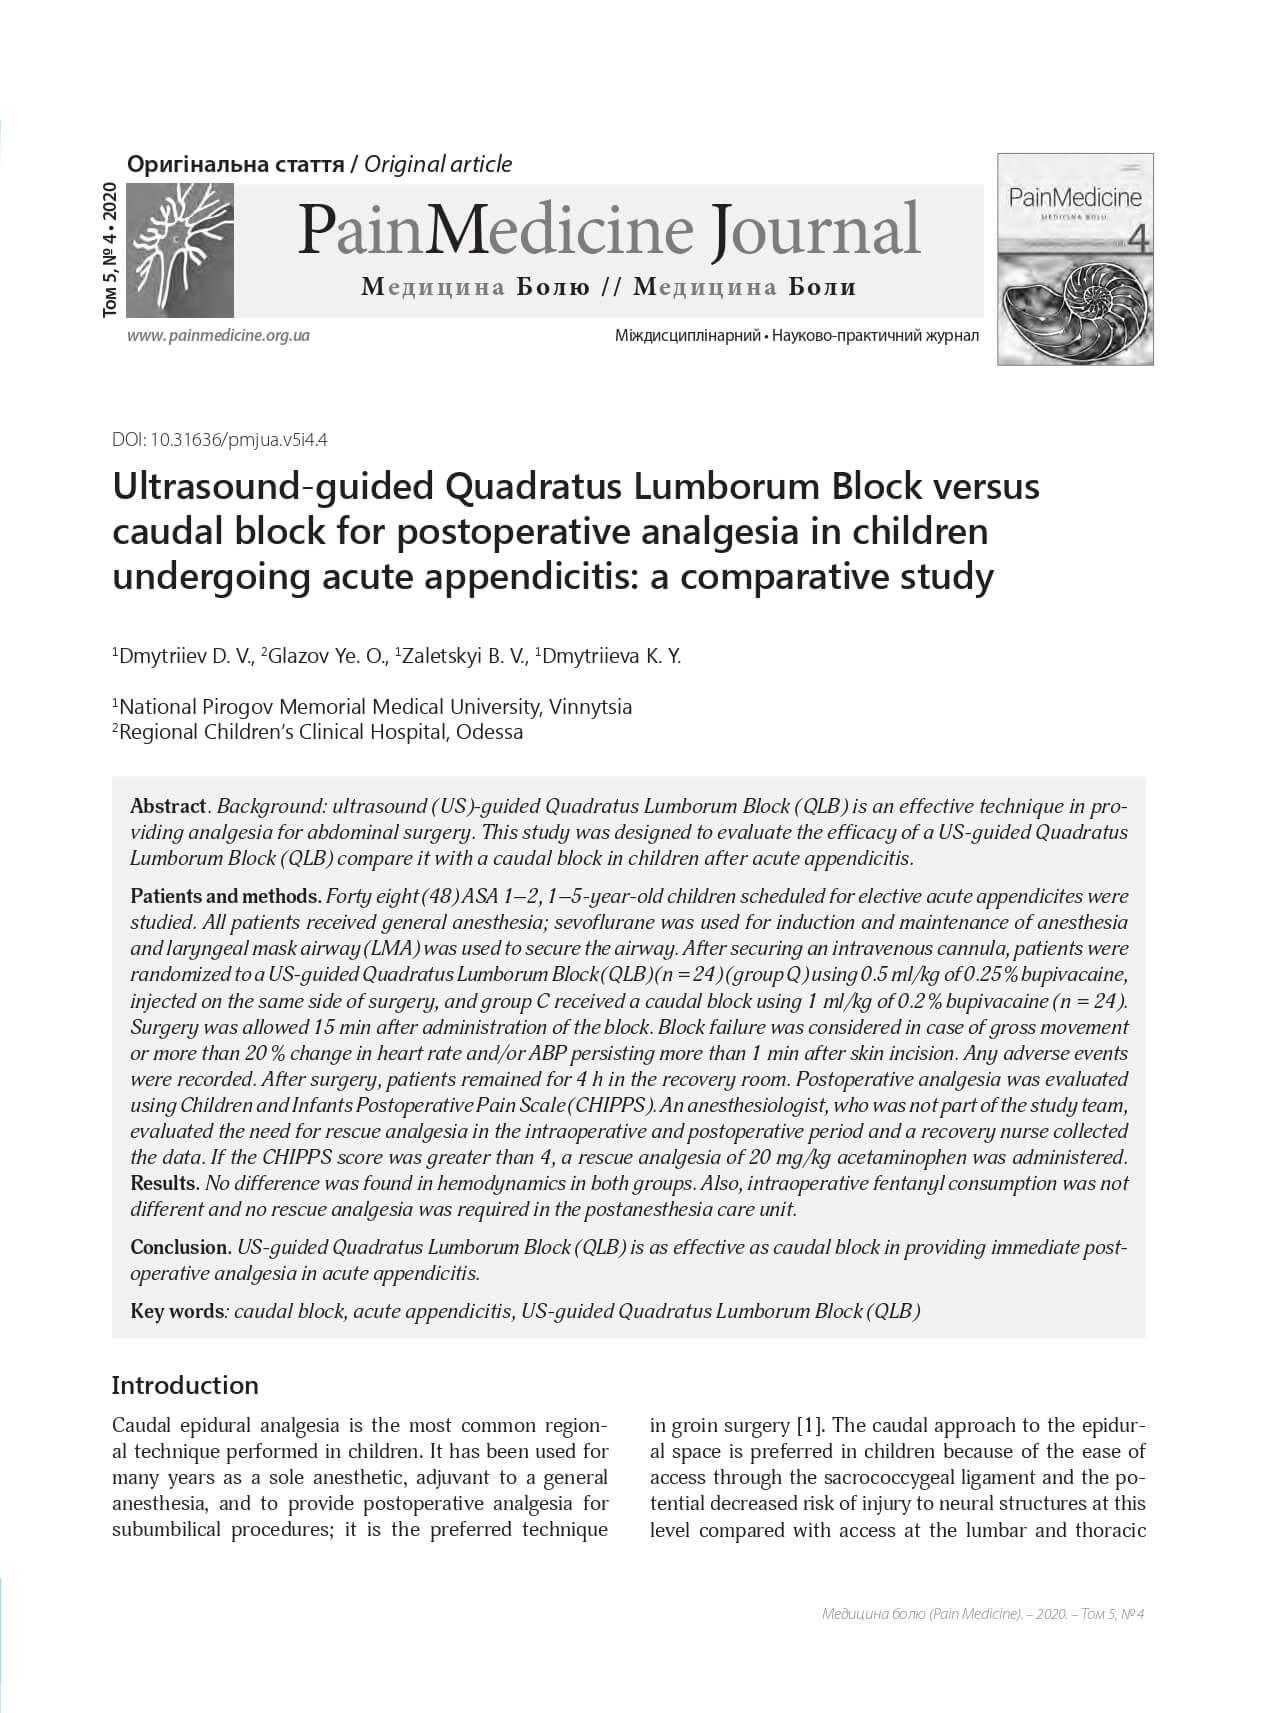 Ultrasound-guided Quadratus Lumborum Block versus caudal block for postoperative analgesia in children undergoing acute appendicitis: a comparative study